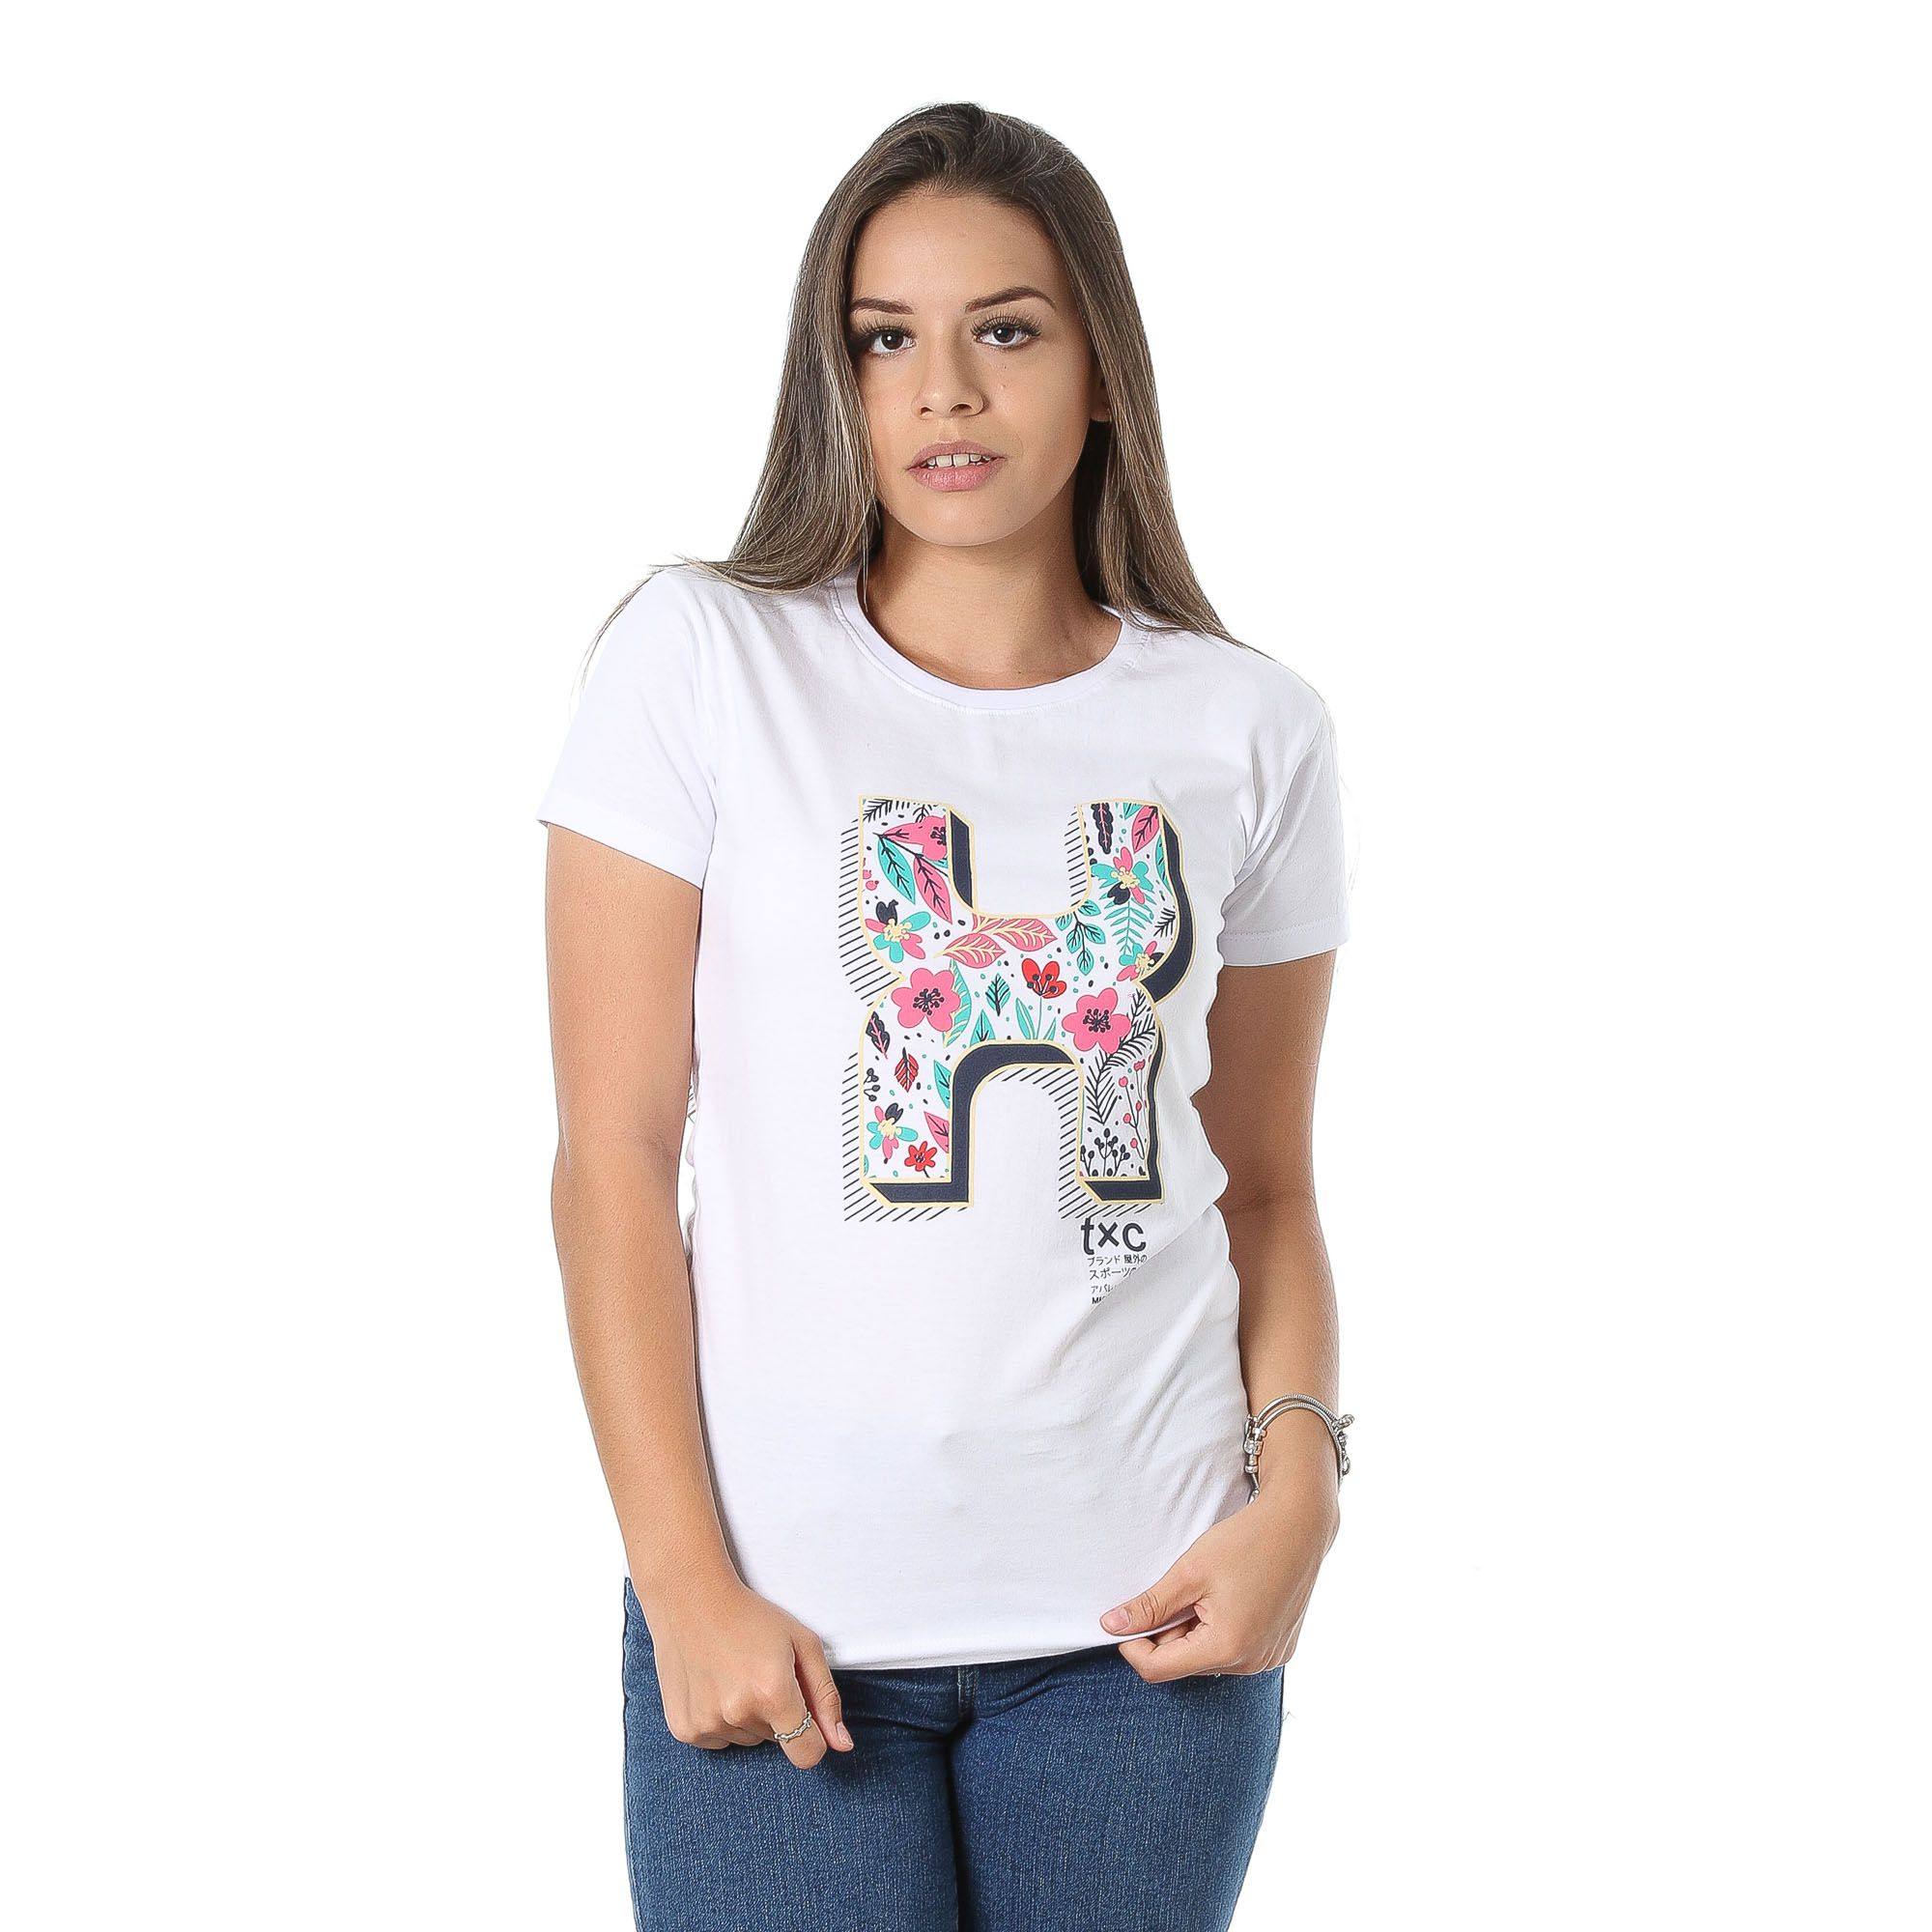 Camiseta TXC Brand 4343